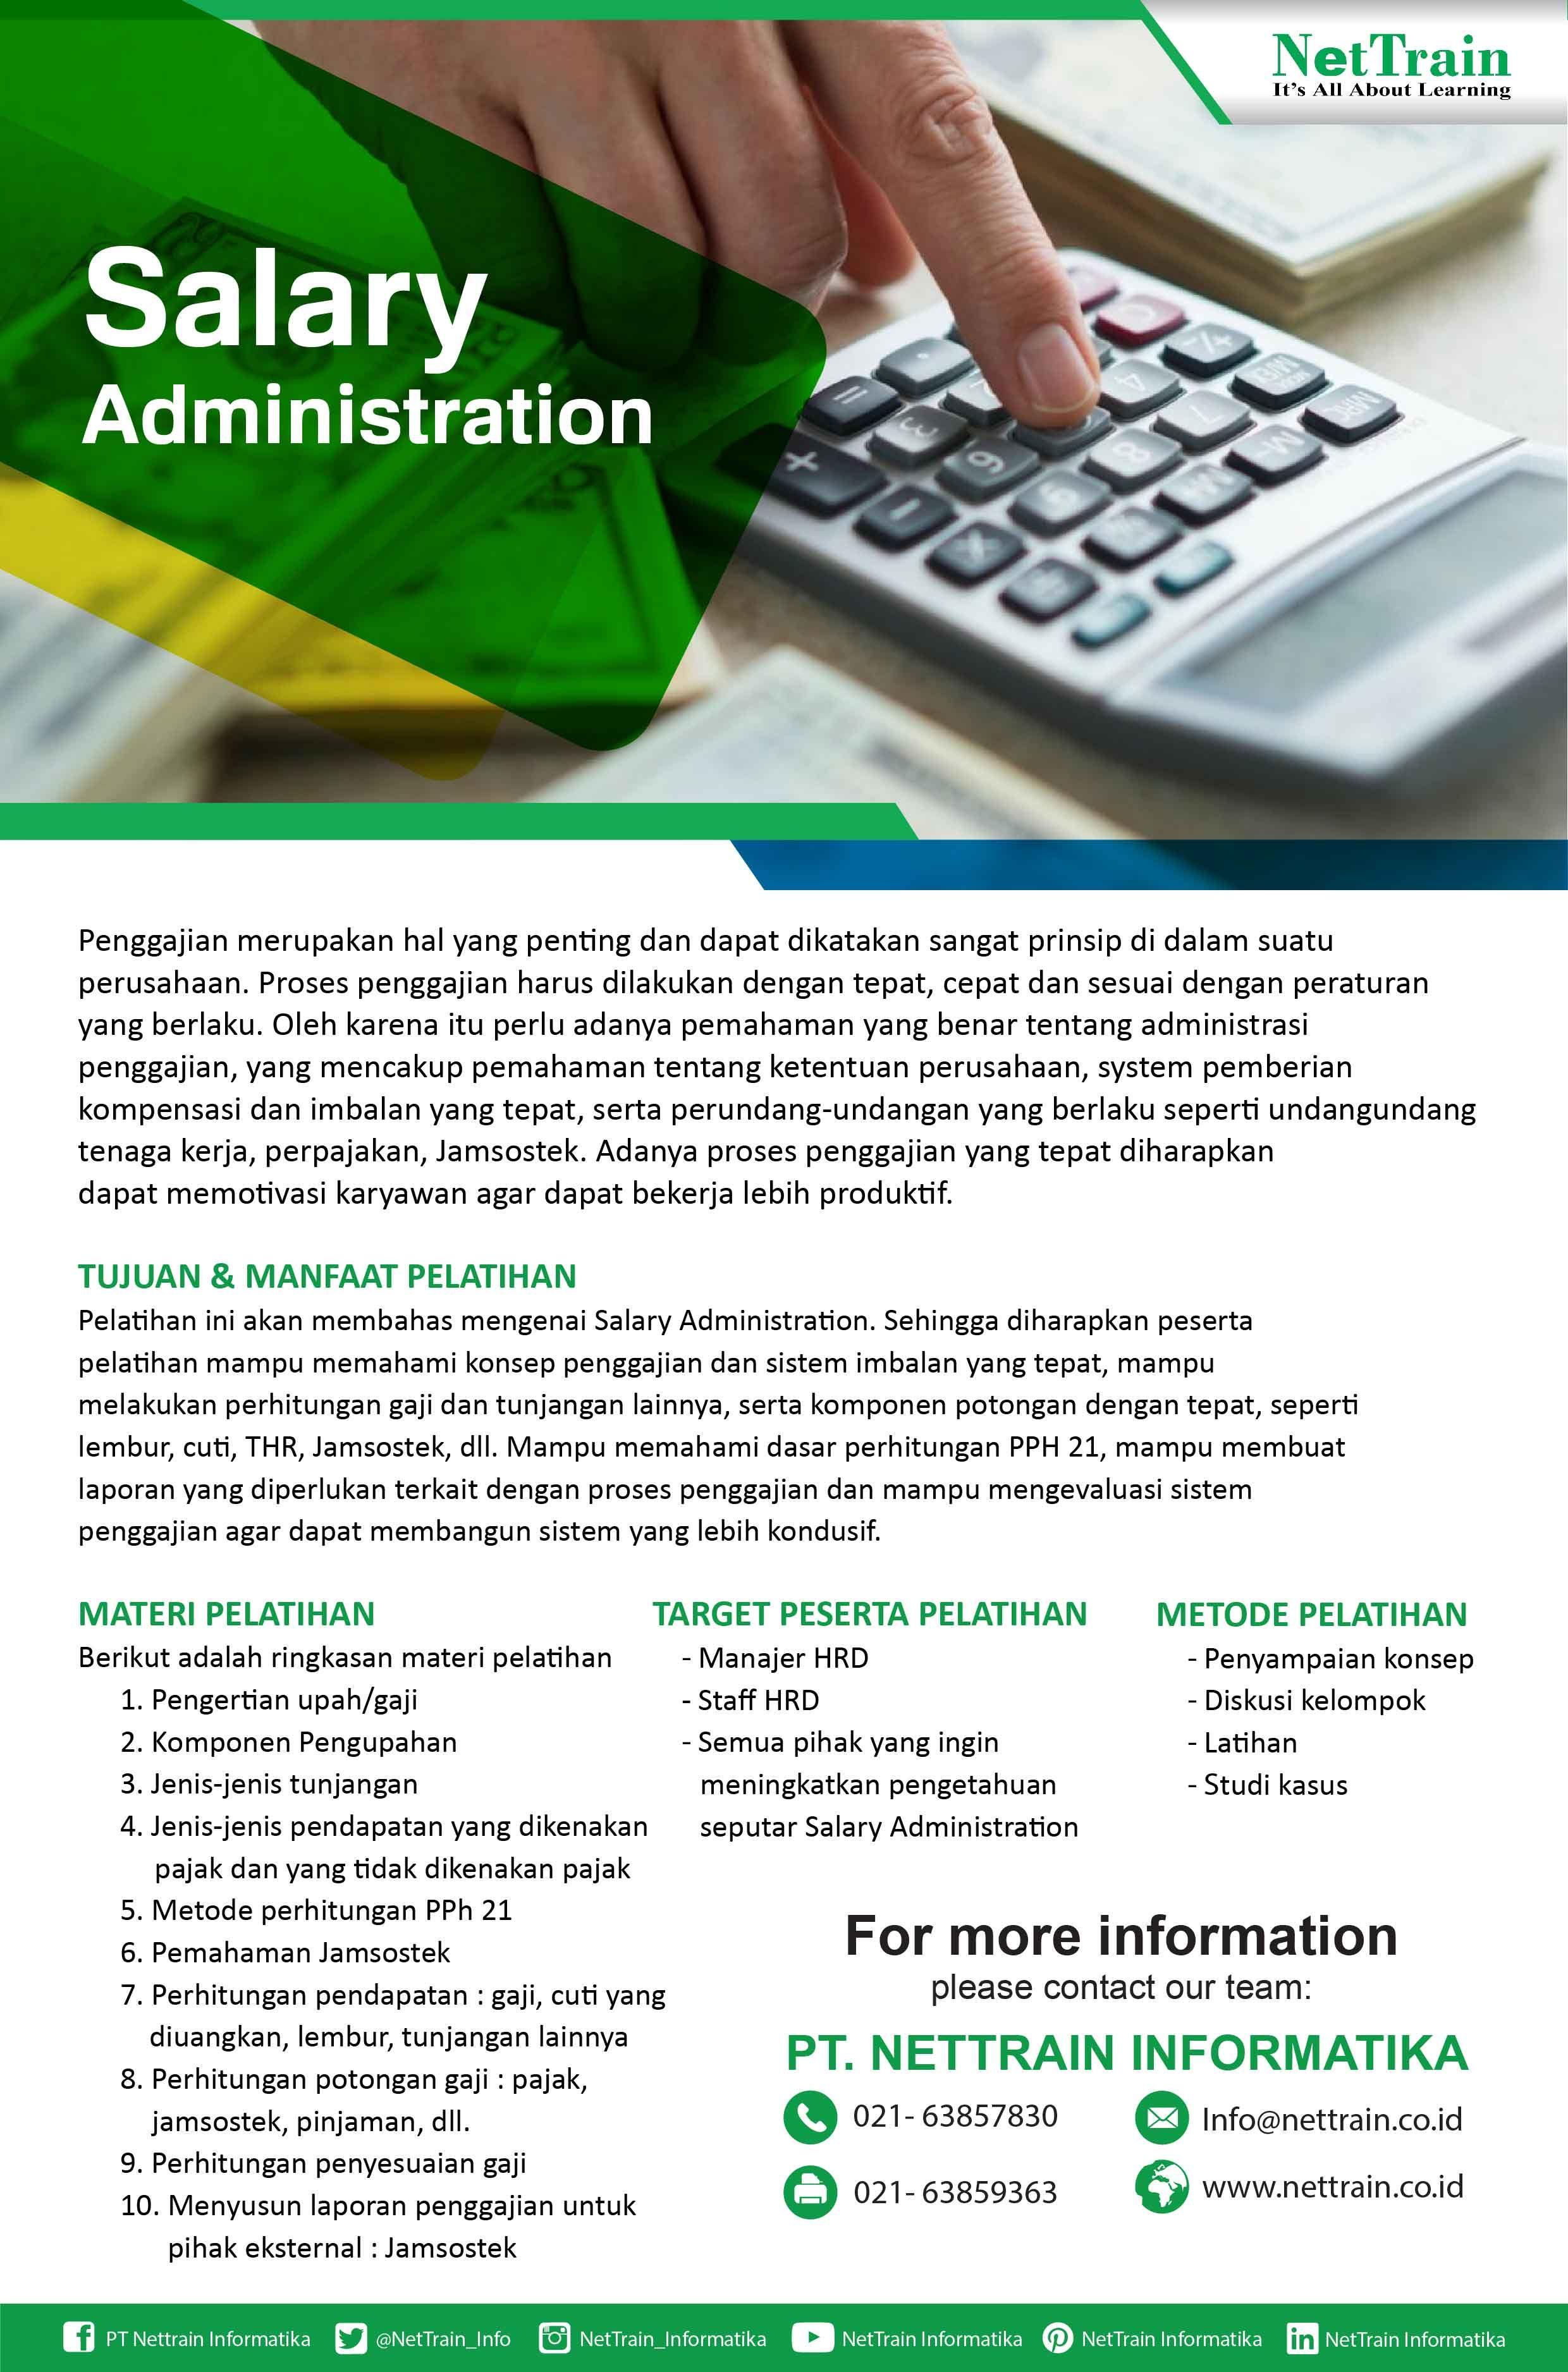 Sallary Administration Training Proses Penggajian Harus Dilakukan Software Faktur Pajak Plustek Management